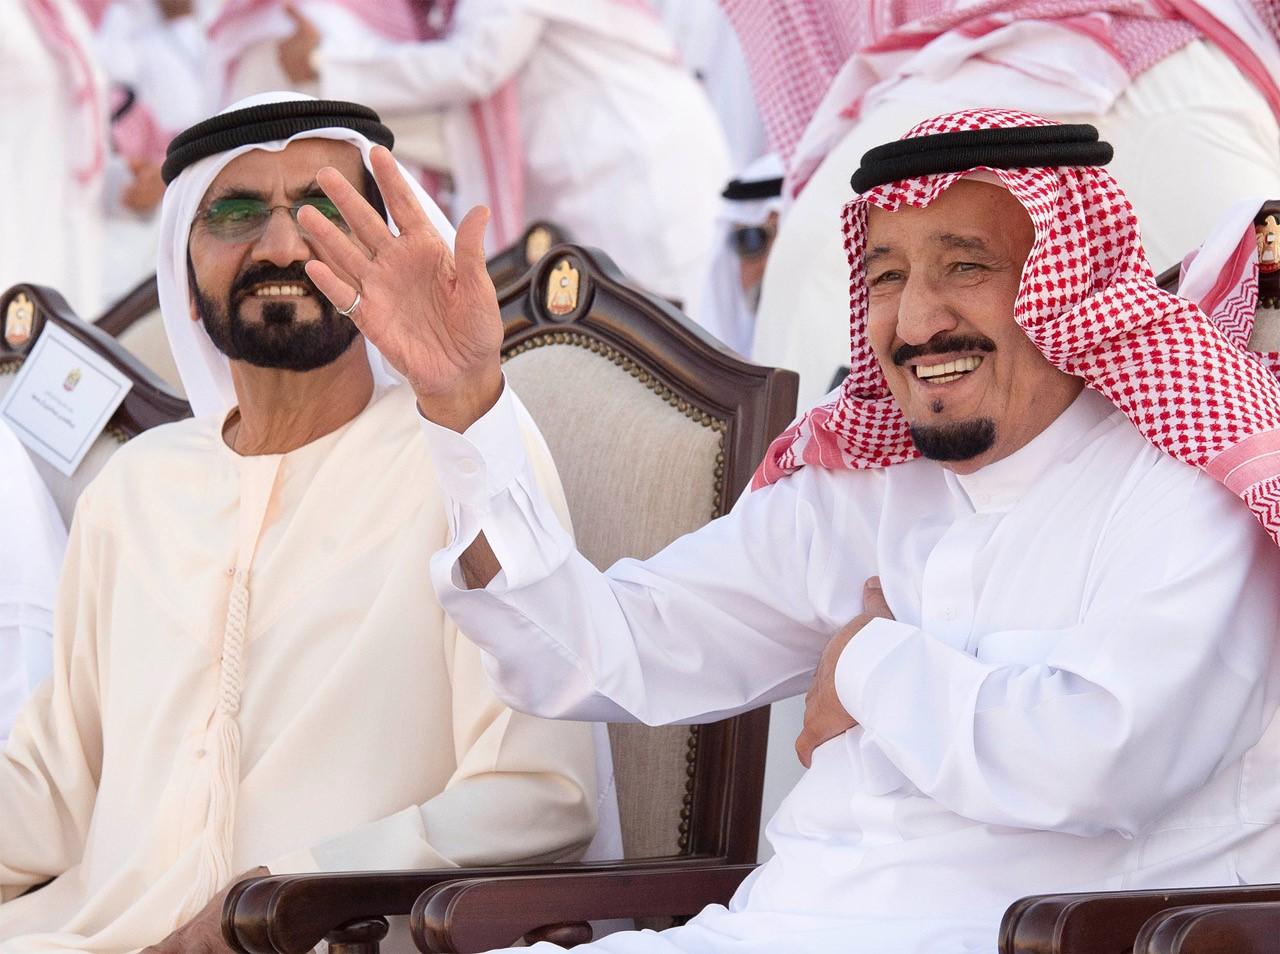 صورة صور الملك سلمان , دام الله معزتك فى قلوبنا يا غالى